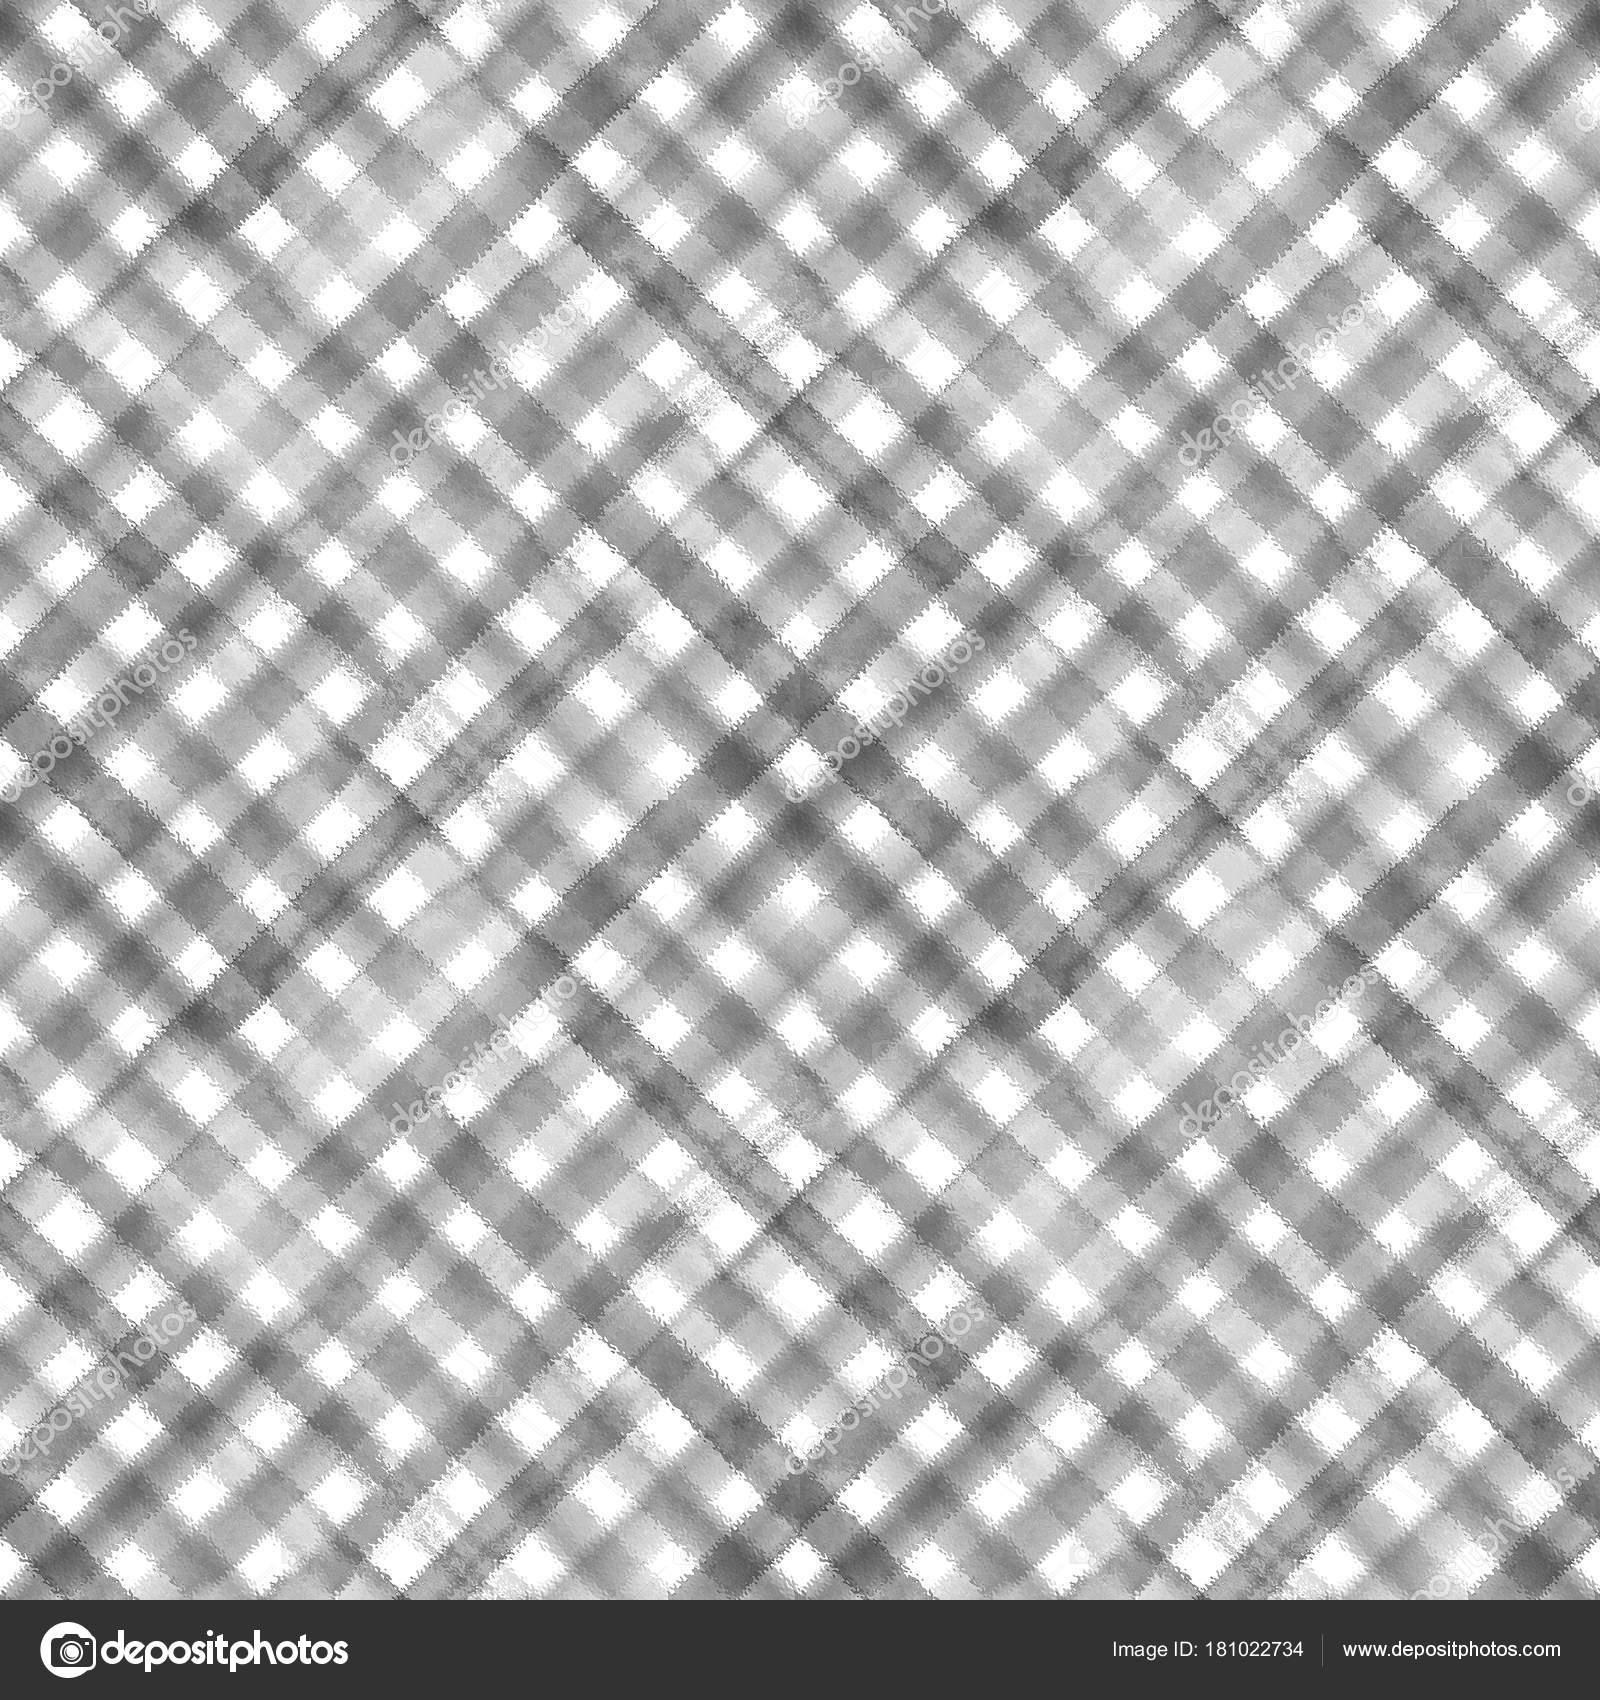 Black And White Plaid Background Stock Photo C Olgaze 181022734